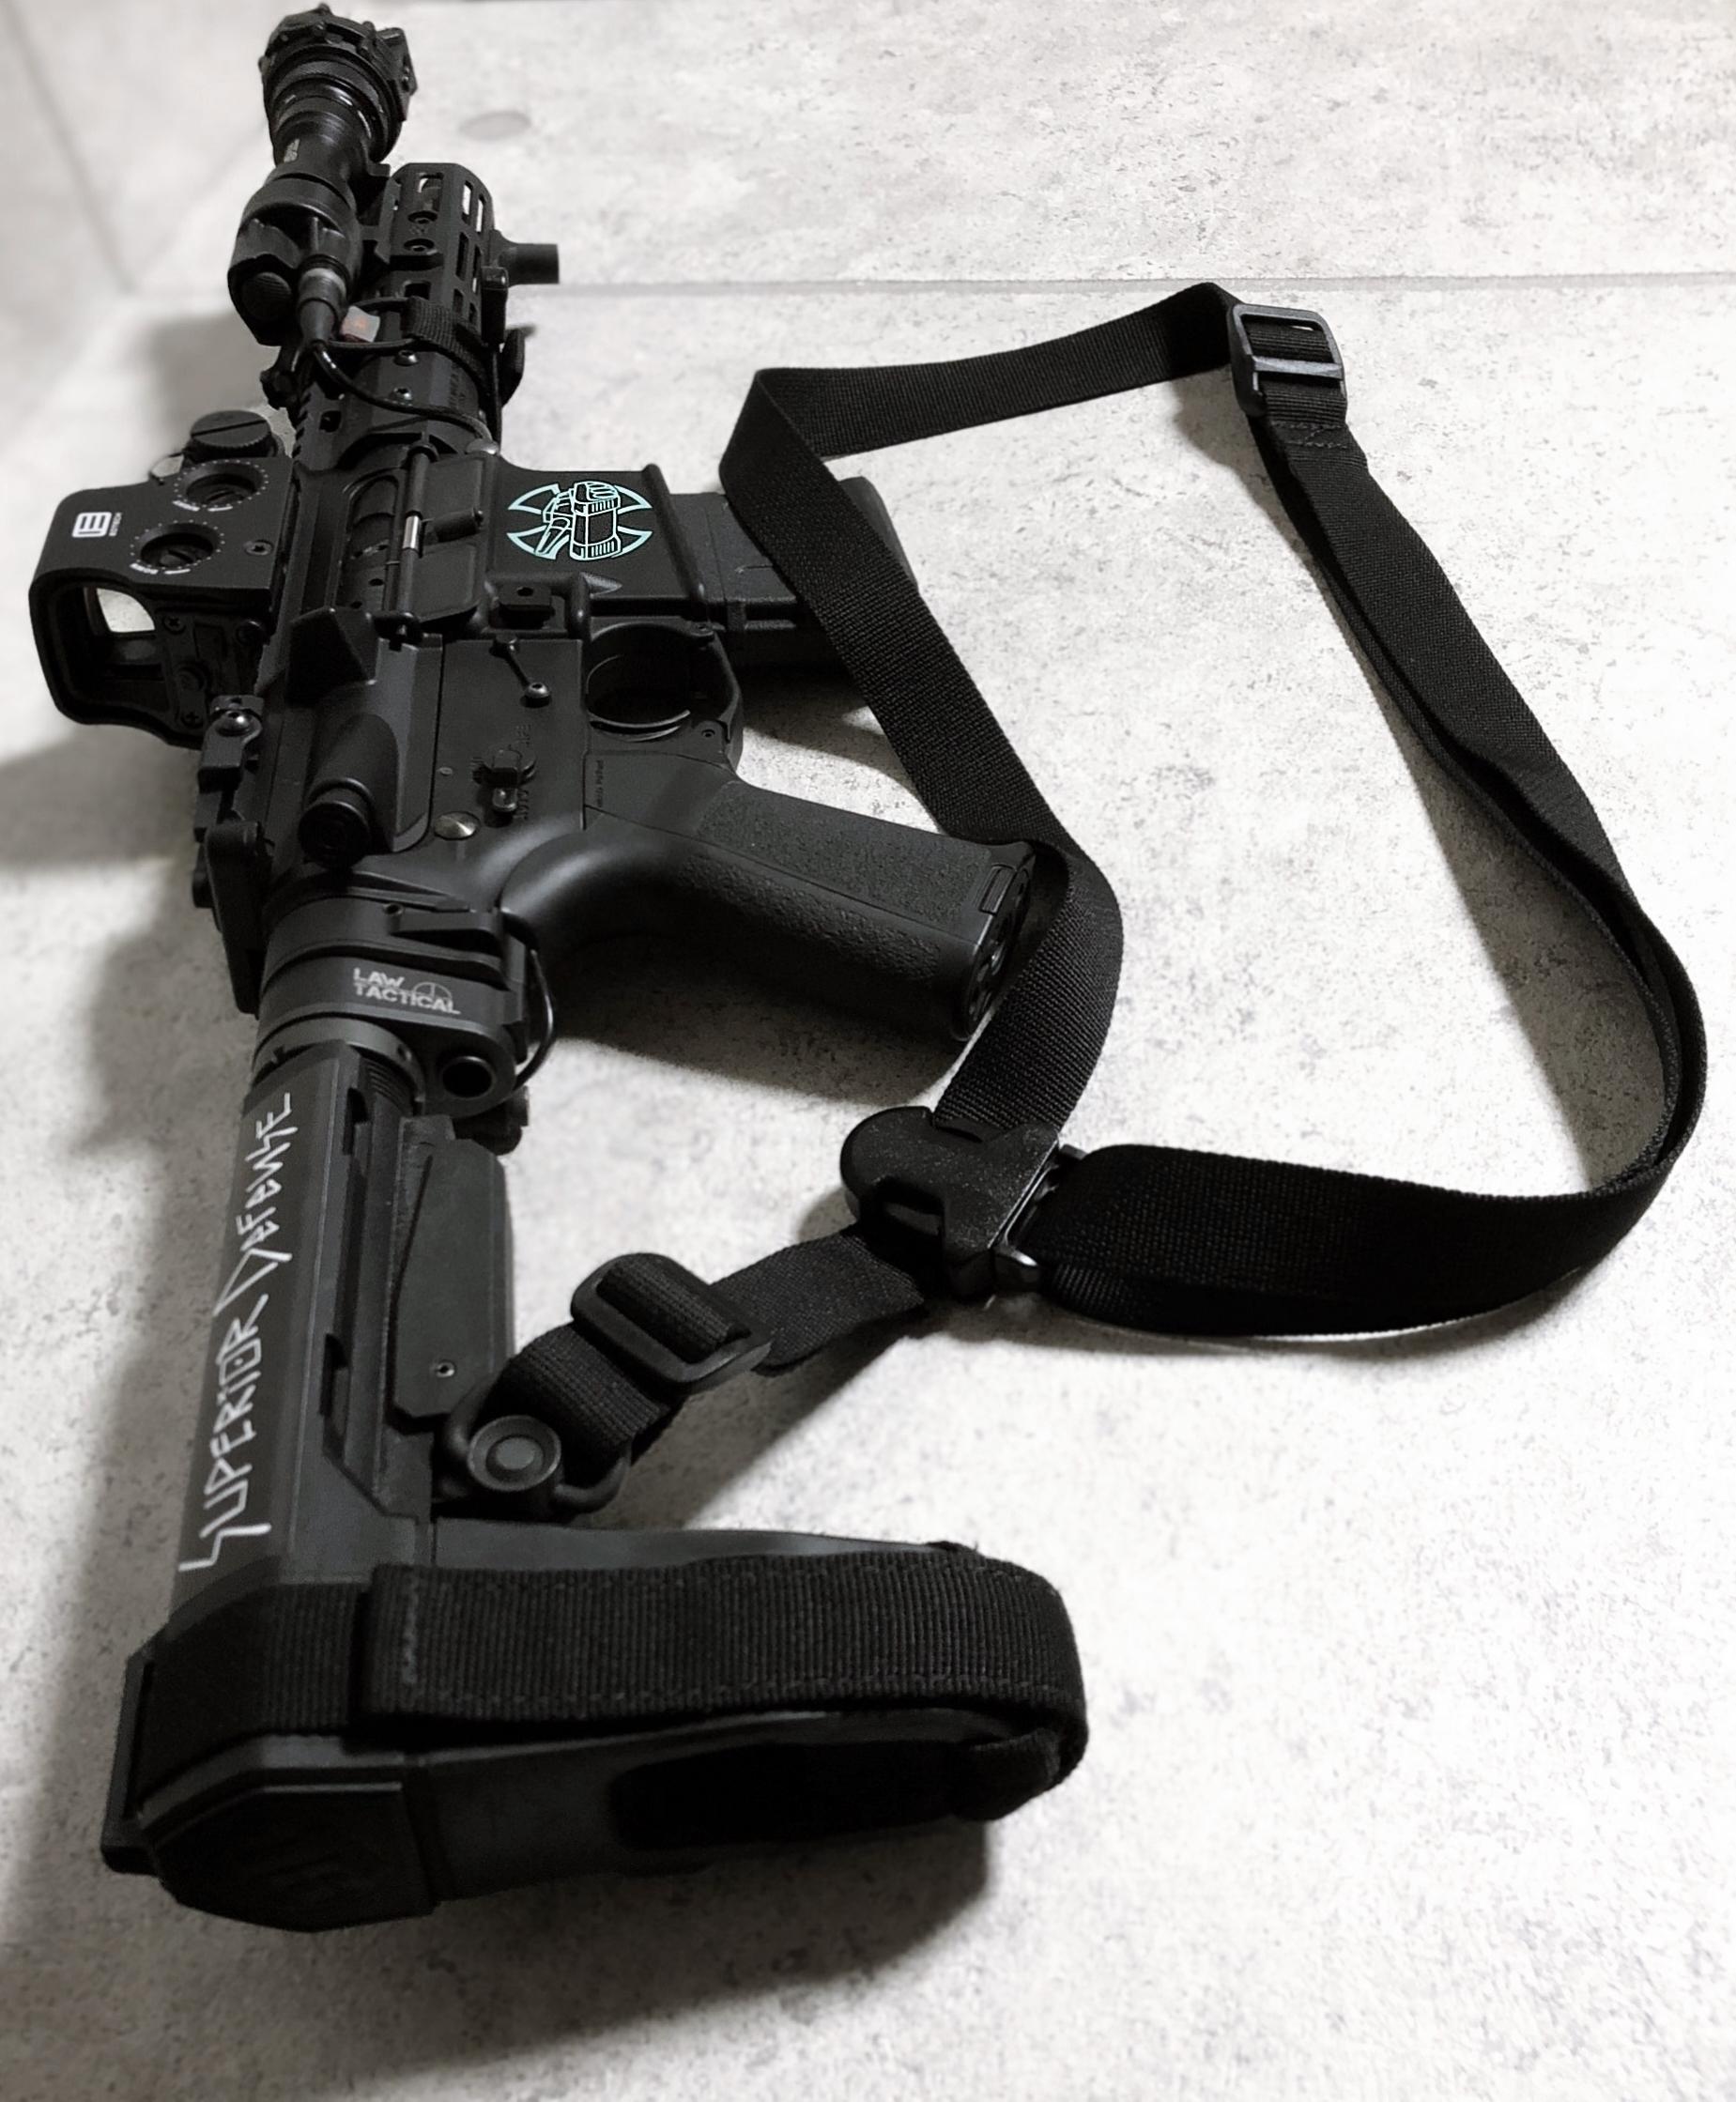 11 実物 LUNAR CONCEPTS BASELINE SINGLE POINT SLING & Impact Weapons Components SLING MOUNT QD D-RING!! シングルポイントスリング!!